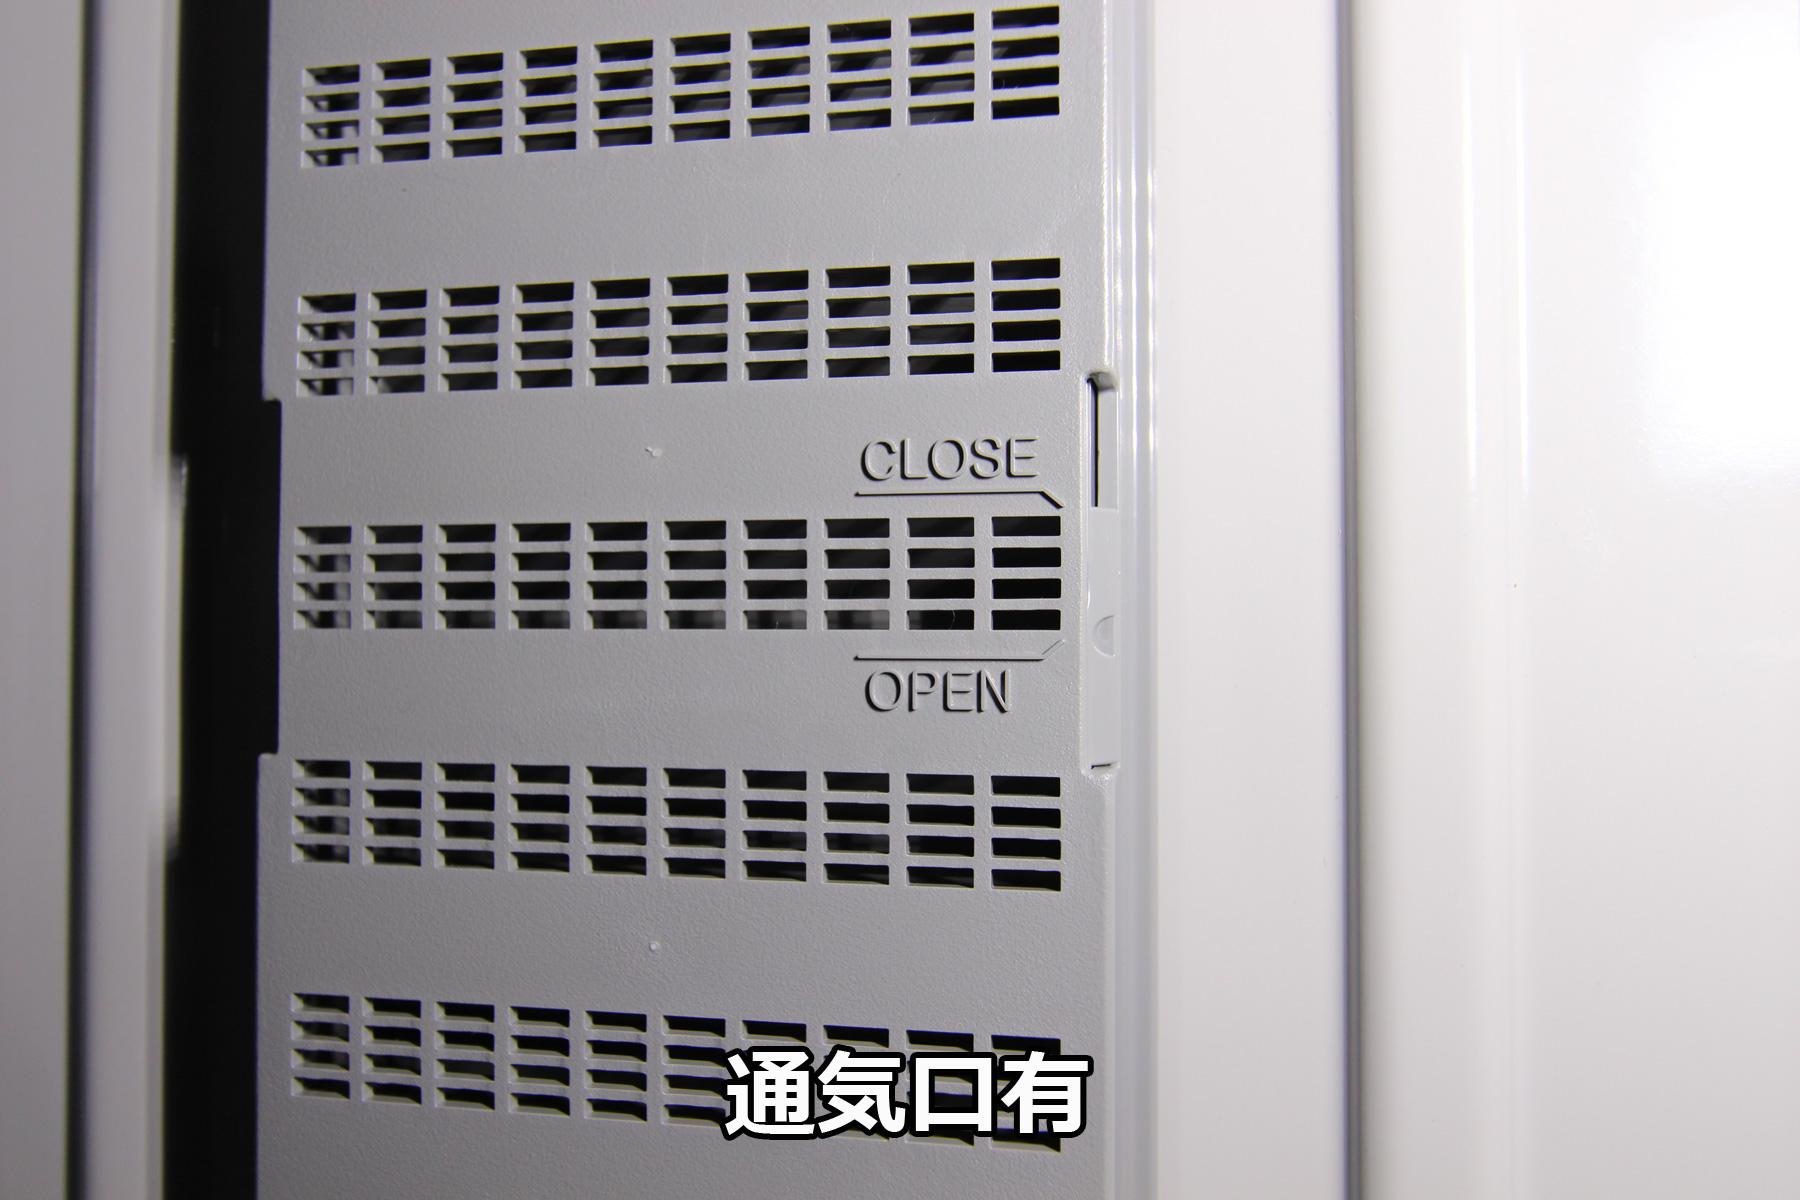 【現在満室】「空室待ち」希望の方、予約登録受付中です 東京 押上文花店